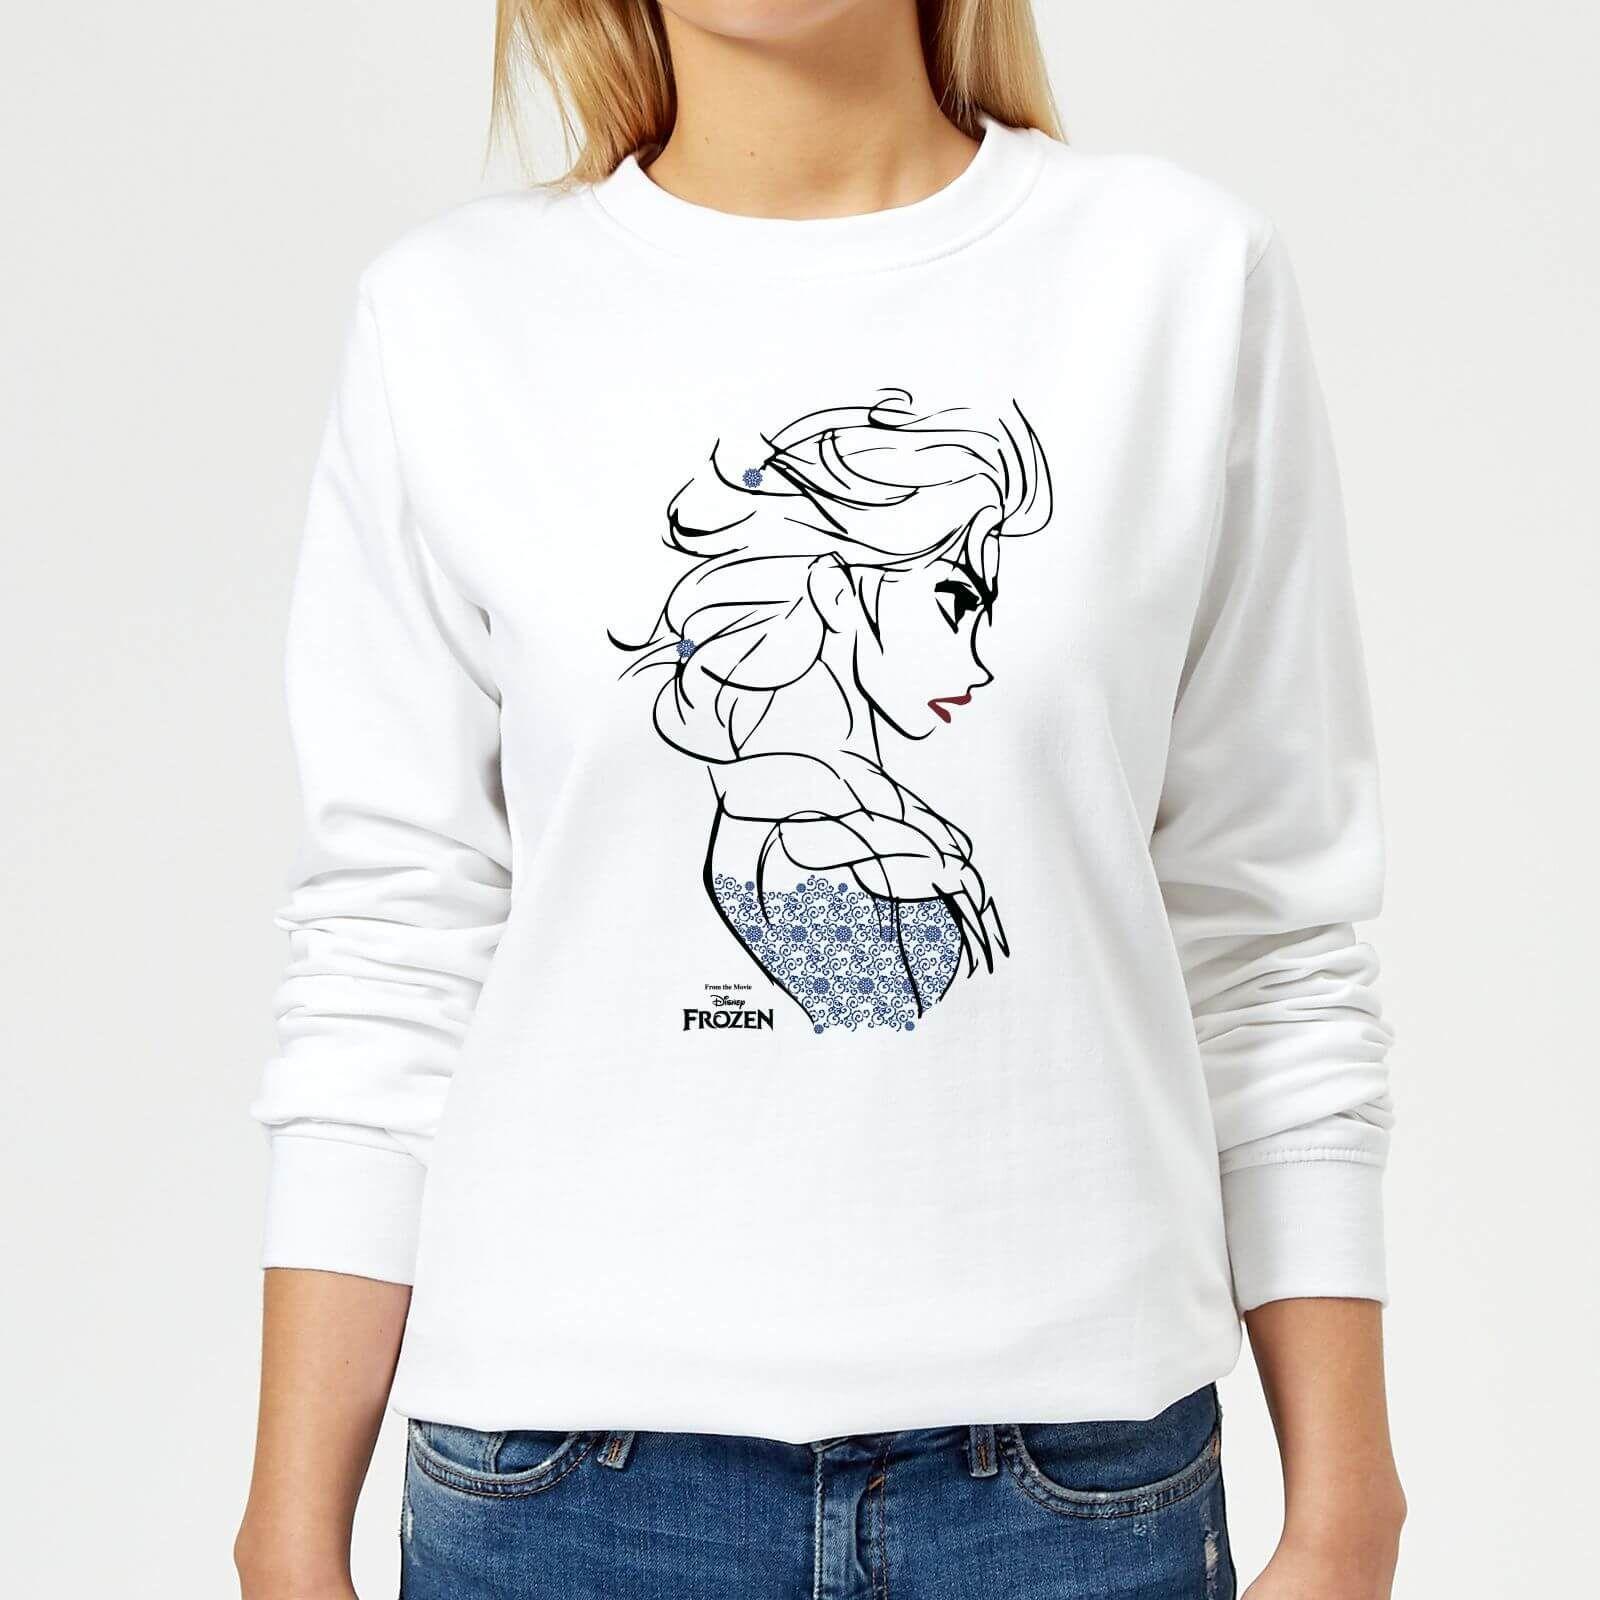 Disney Frozen Elsa Sketch Strong Women S Sweatshirt White Disney Frozen Elsa Sketch Strong Women S Sweatshi Sweatshirts Women White Sweatshirt Sweatshirts [ 1600 x 1600 Pixel ]